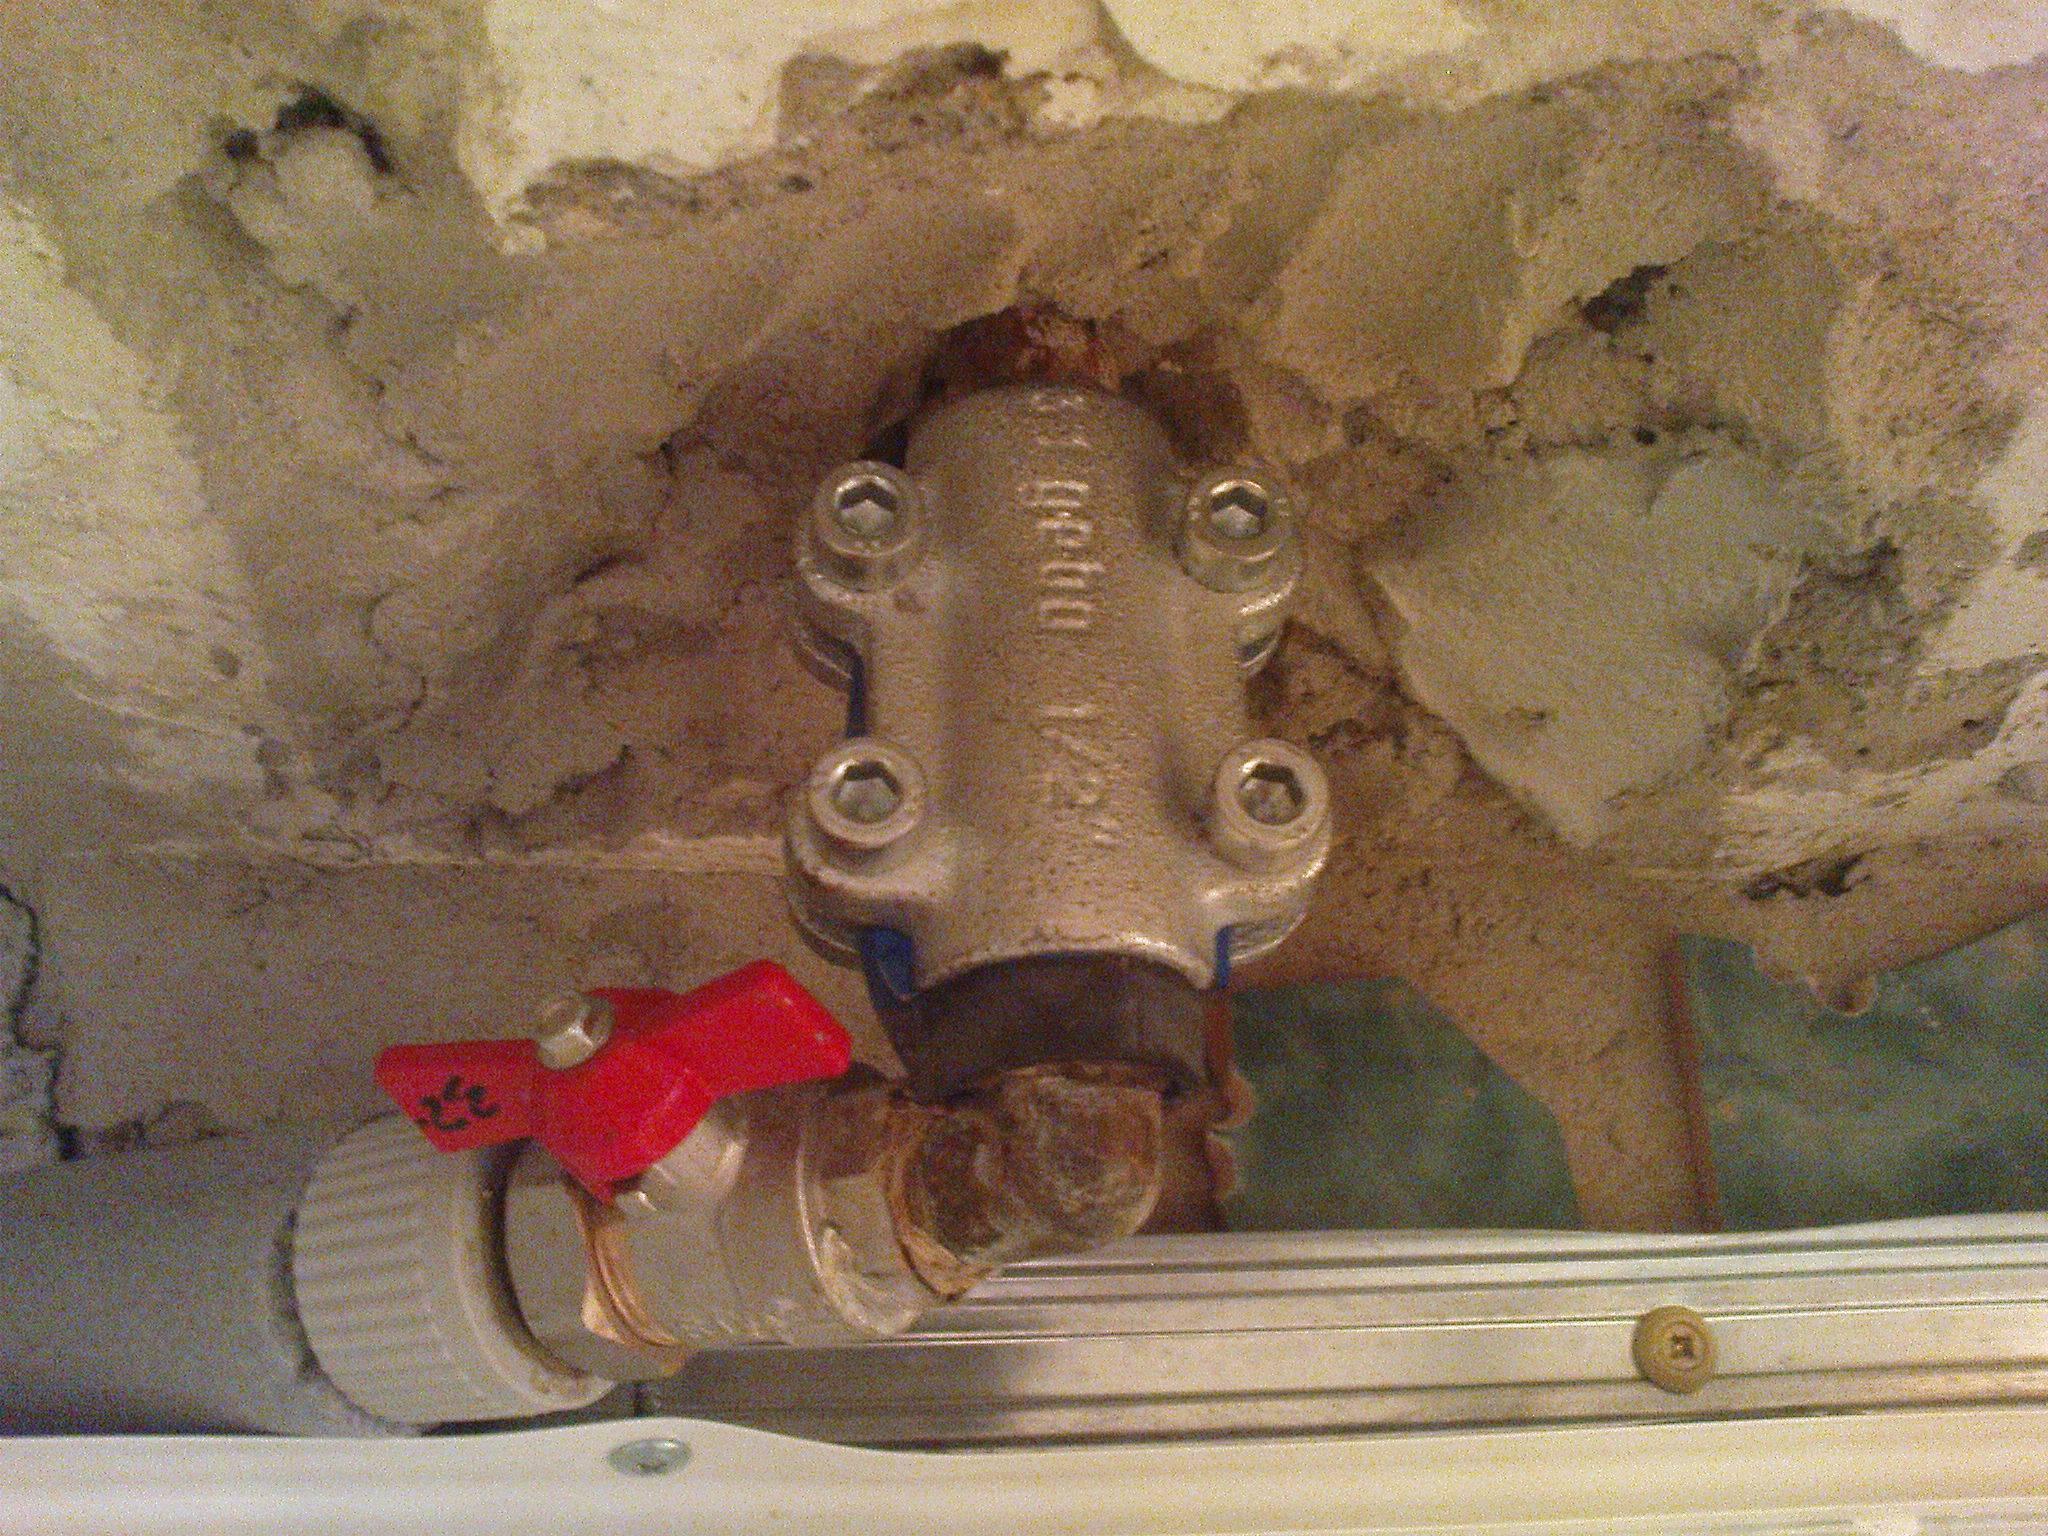 Устранение течи в системе отопления, герметизация соединений